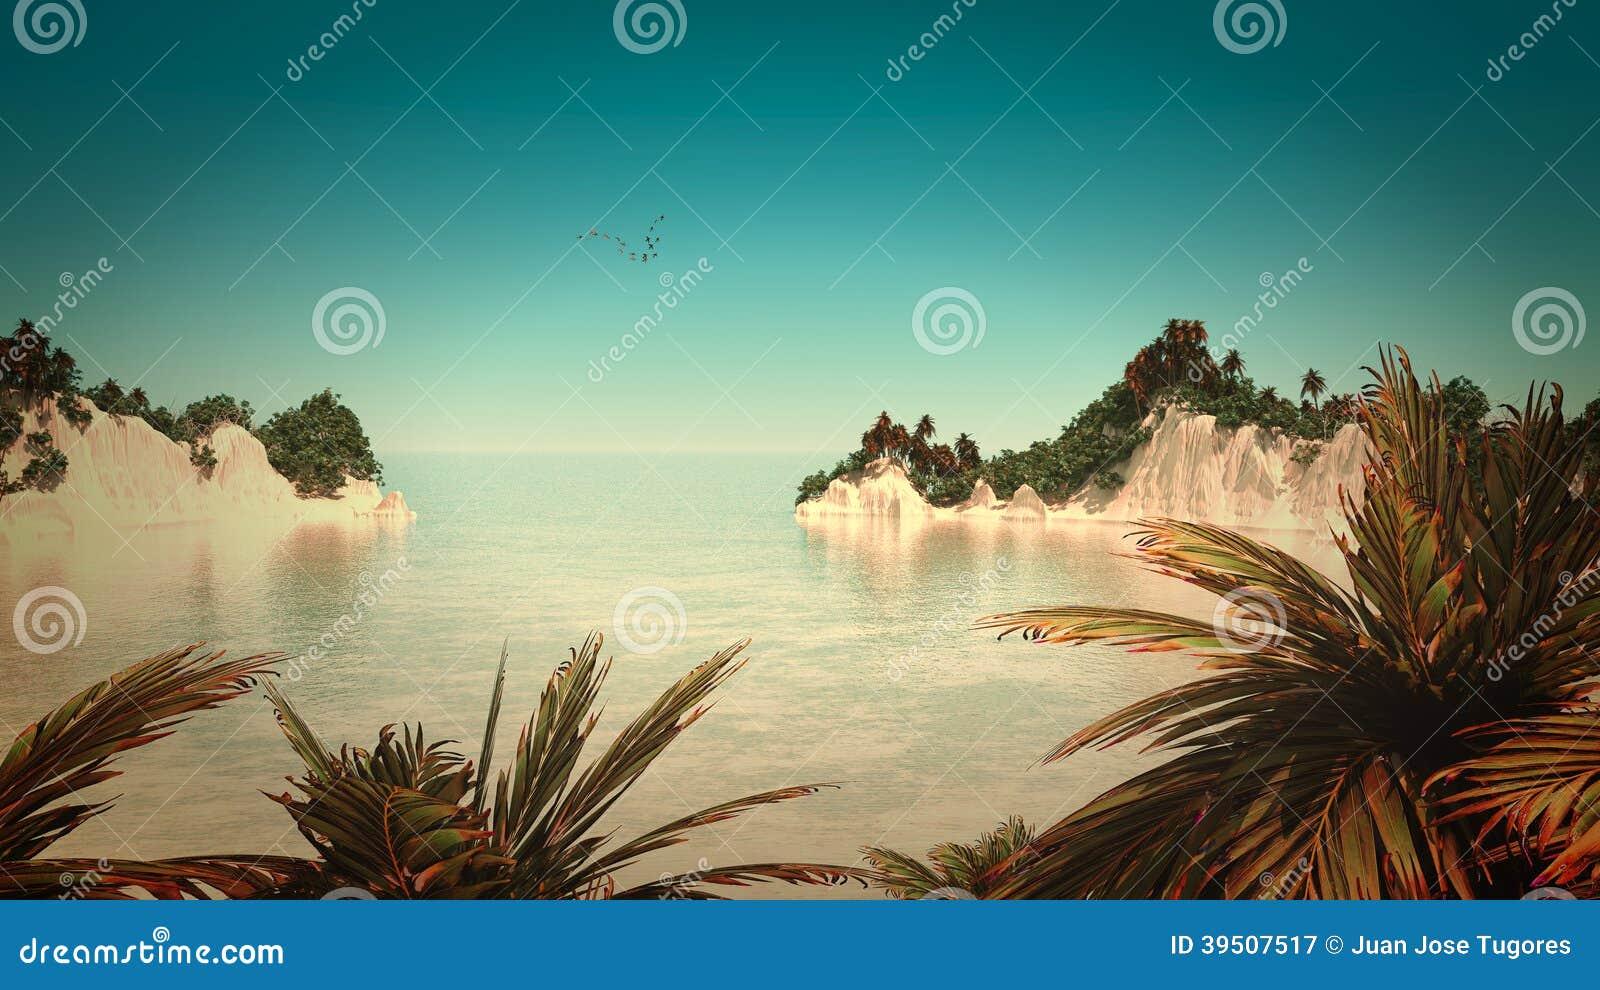 Sun and coast